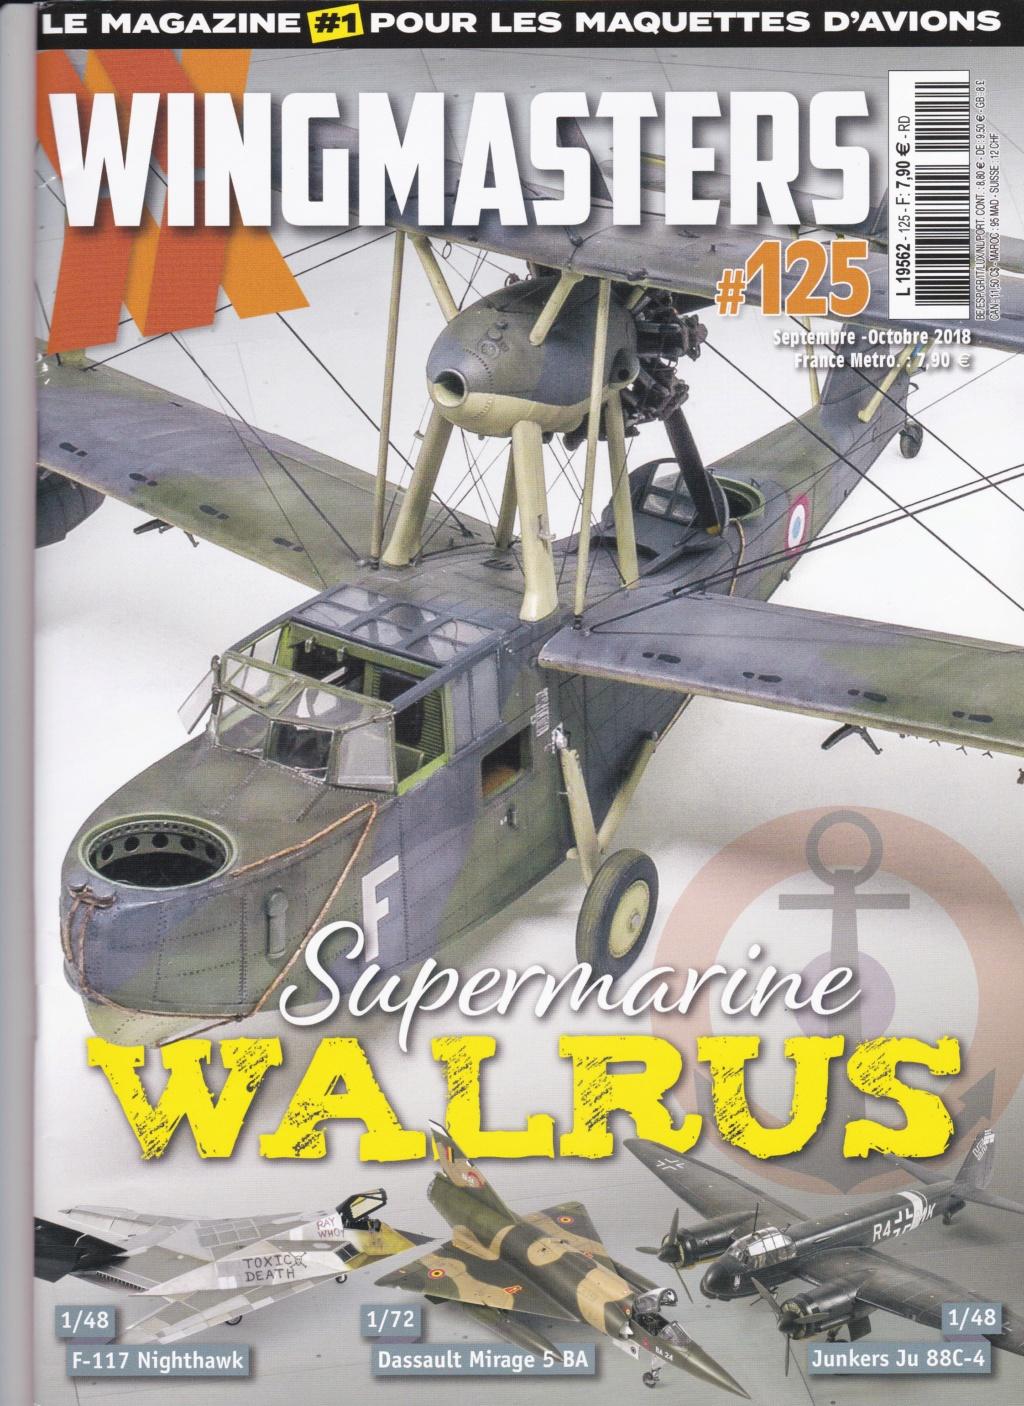 Winmasters n°125 Wingma11